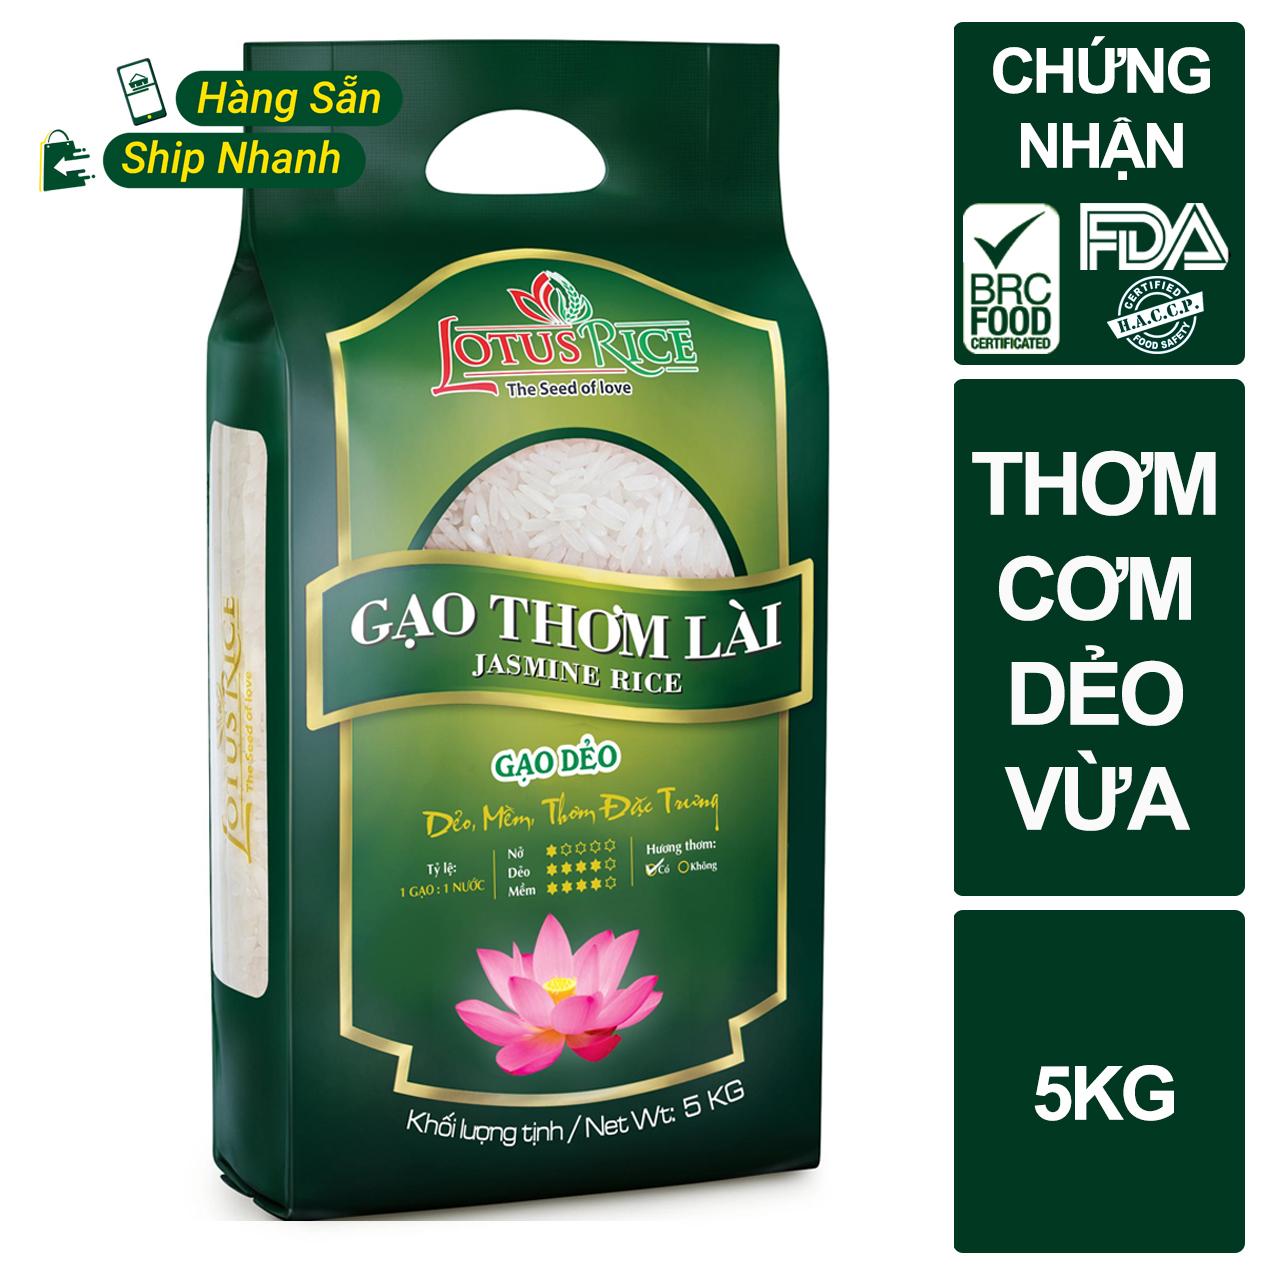 [TOP 1 GẠO ĐƯỢC QUAN TÂM] Gạo Thơm Lài Lotus Rice 5kg - Gạo thơm dẻo vừa - Gạo ngon sạch chuẩn xuất khẩu